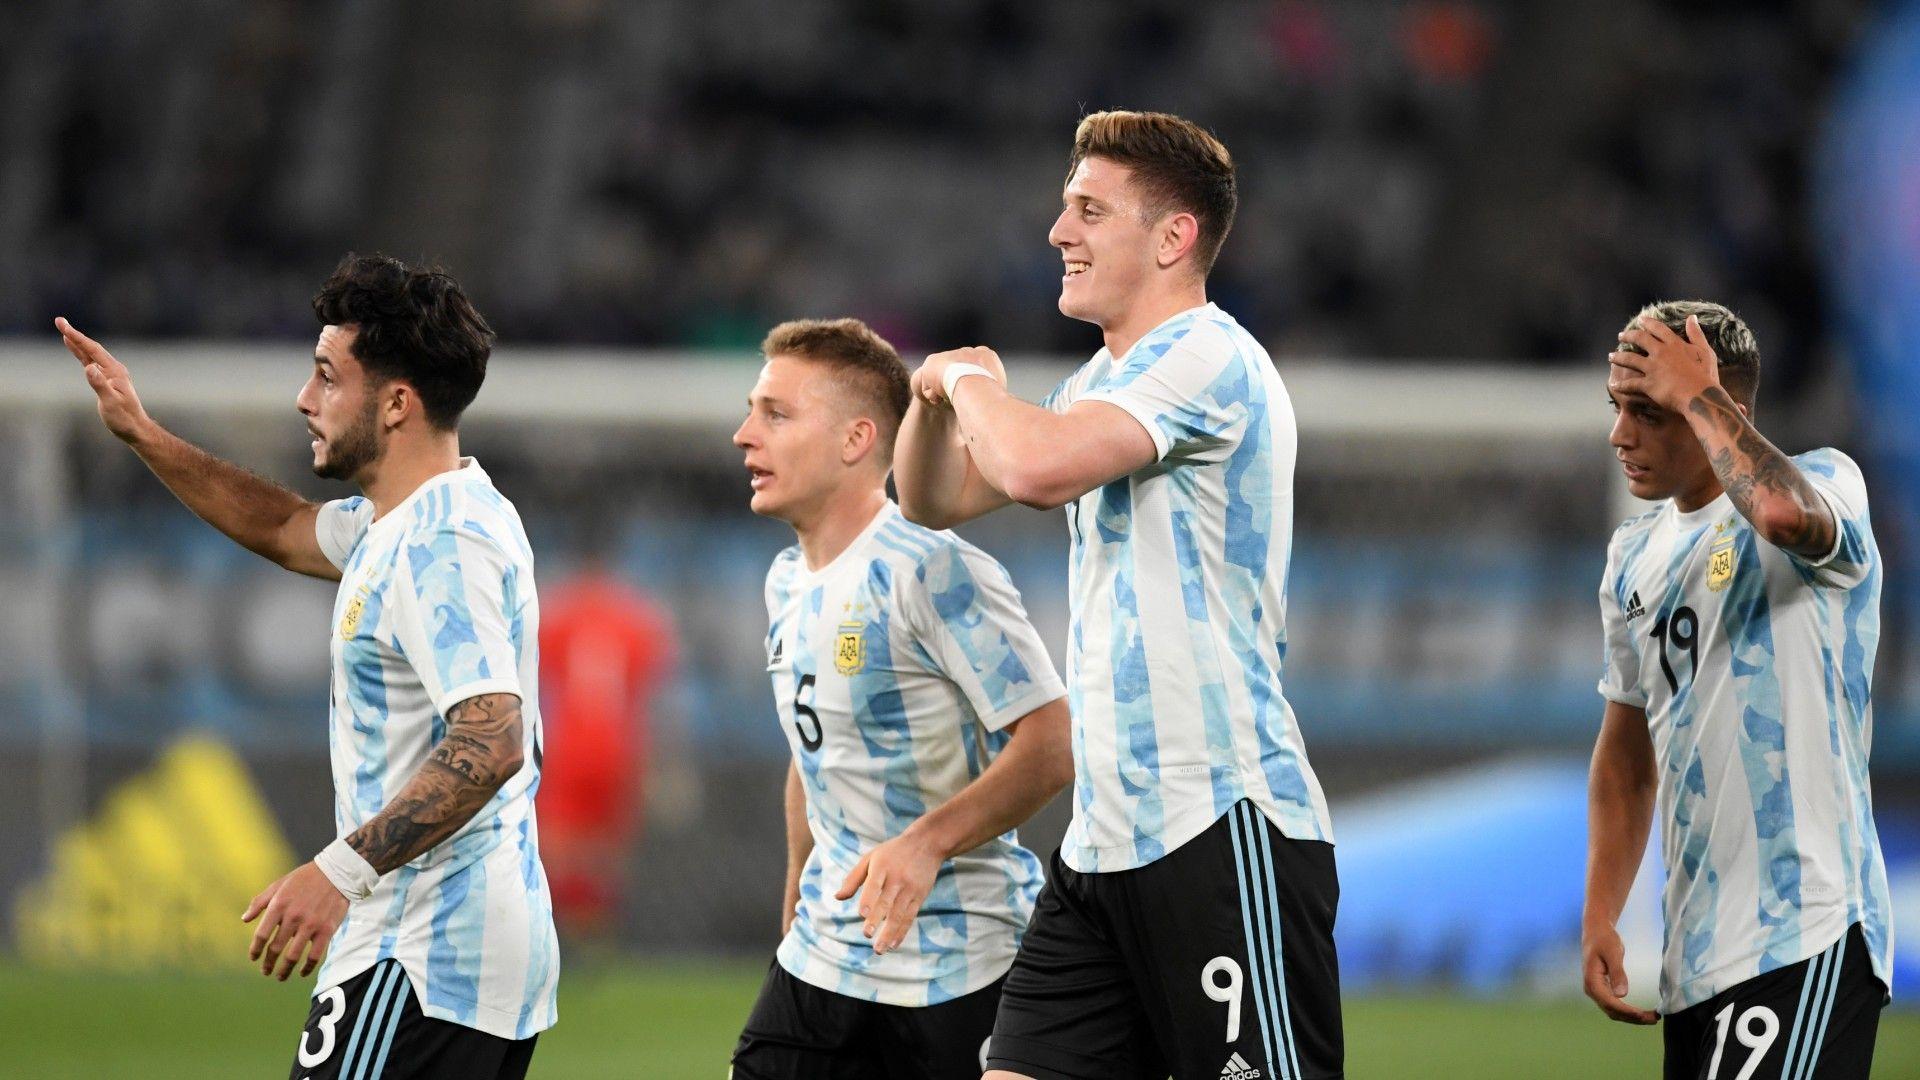 La Selección Argentina Eliminada de los Olímpicos